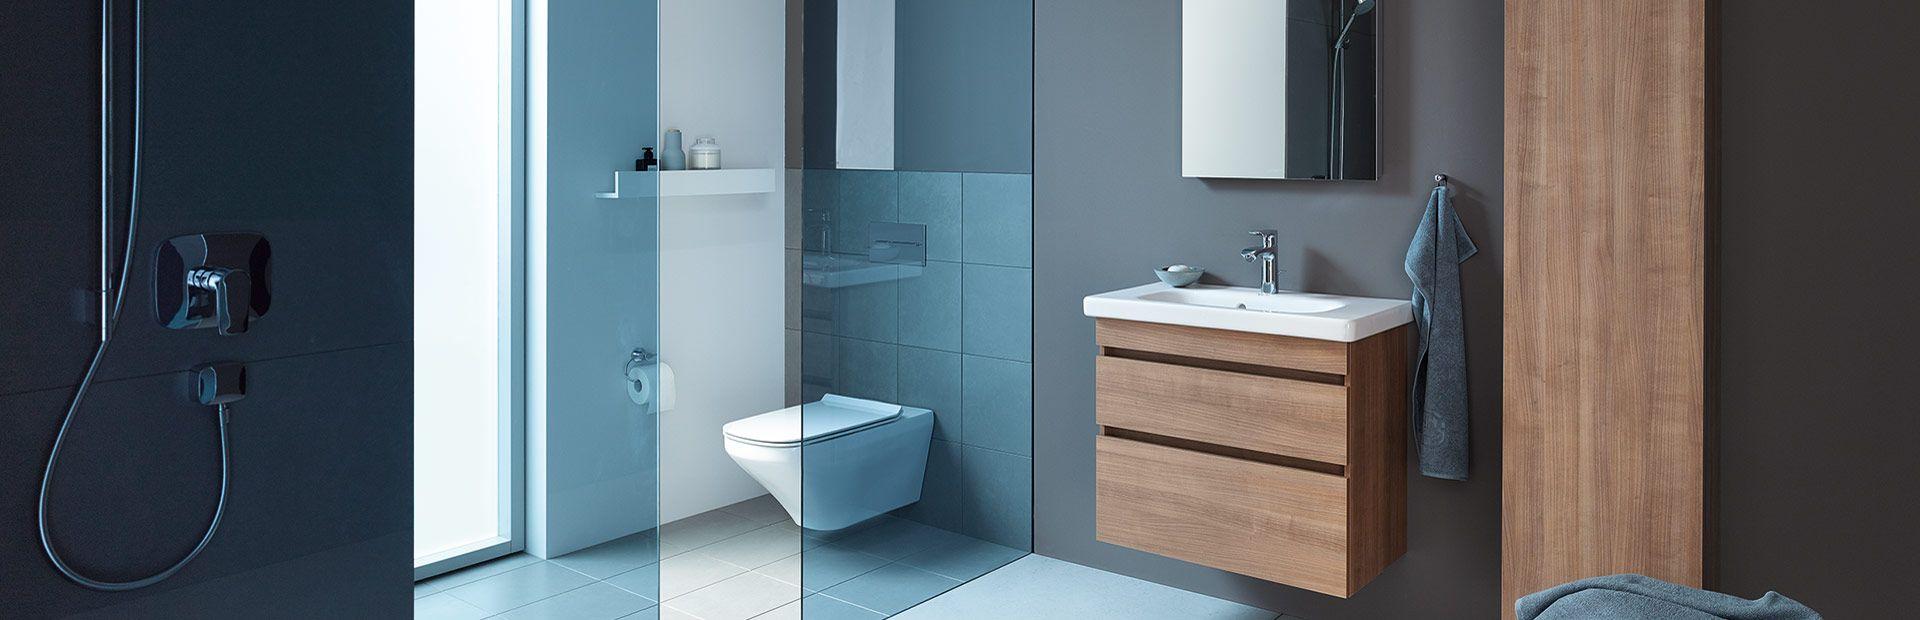 Badsanierung Heizung Badezimmer Heizungswartung und Sanitär